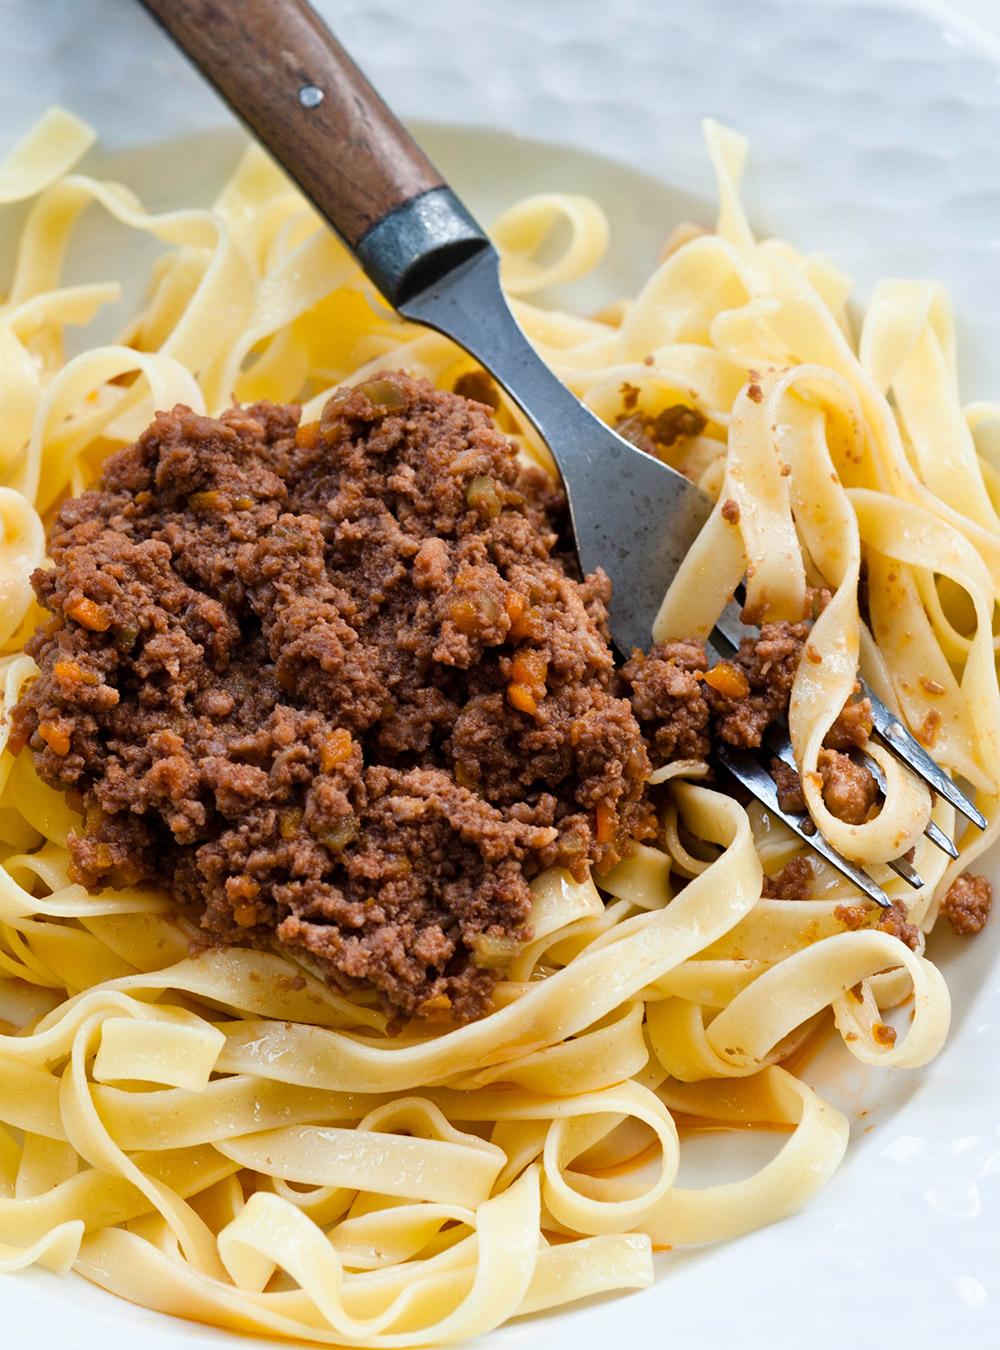 Lasagnes maison au rago t de boeuf et de veau la recette facile recette - Duree cuisson cote de boeuf ...